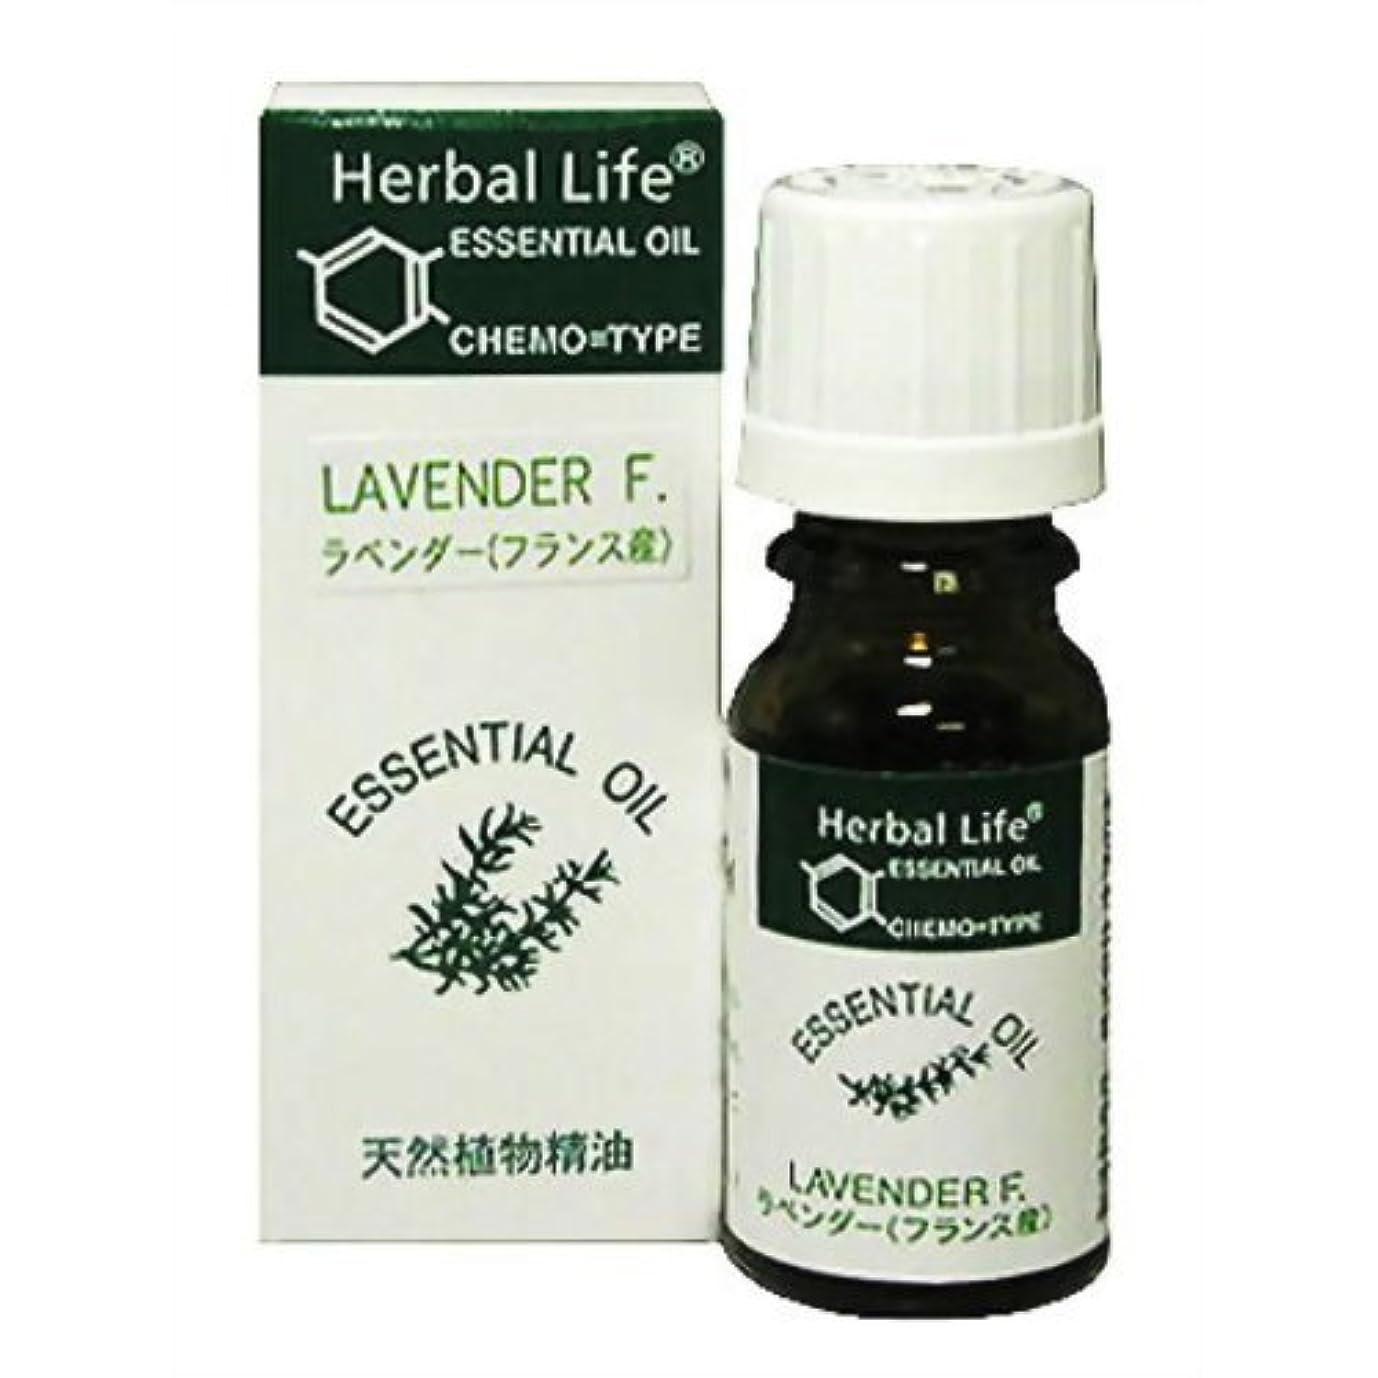 囲まれた注入咳Herbal Life ラベンダー 10ml